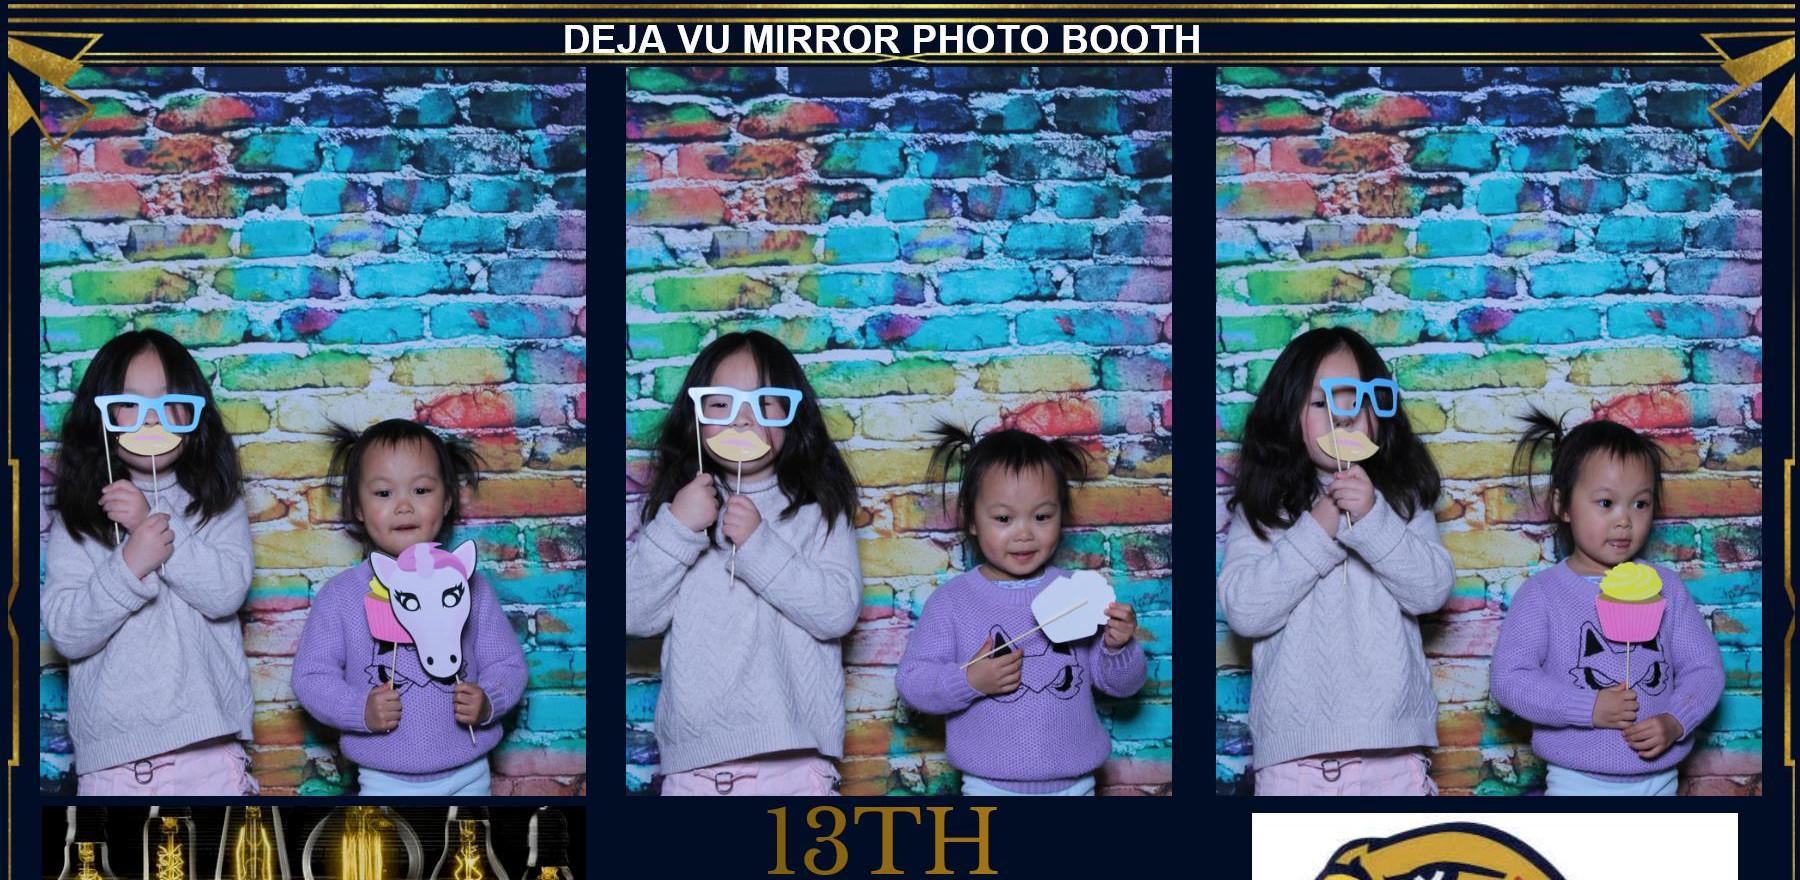 Sibling love at Taste of Dacula